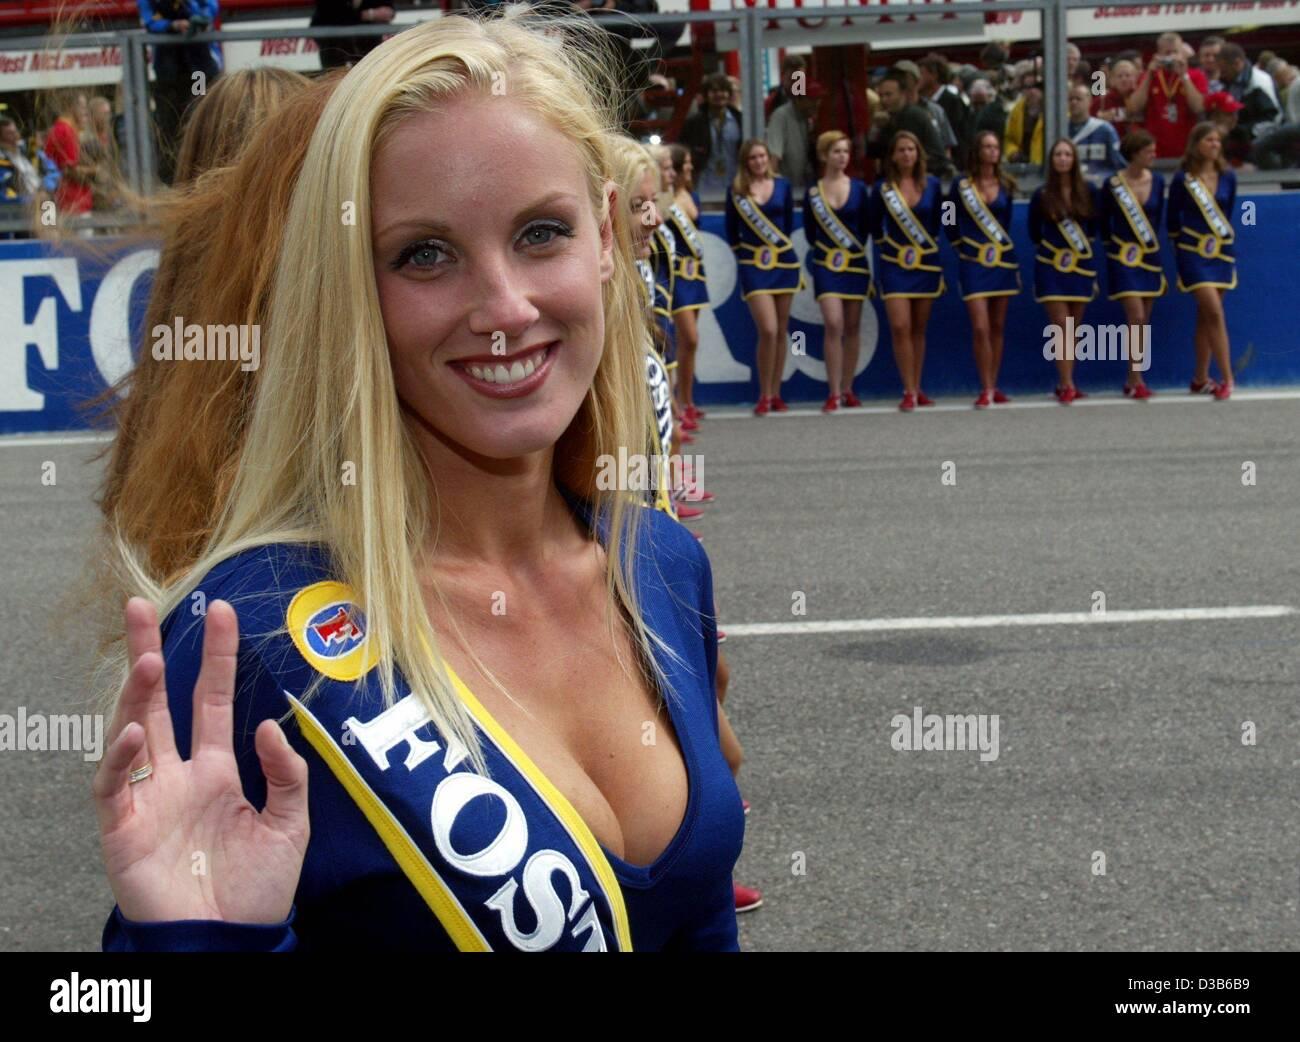 Belgium girls Nude Photos 93